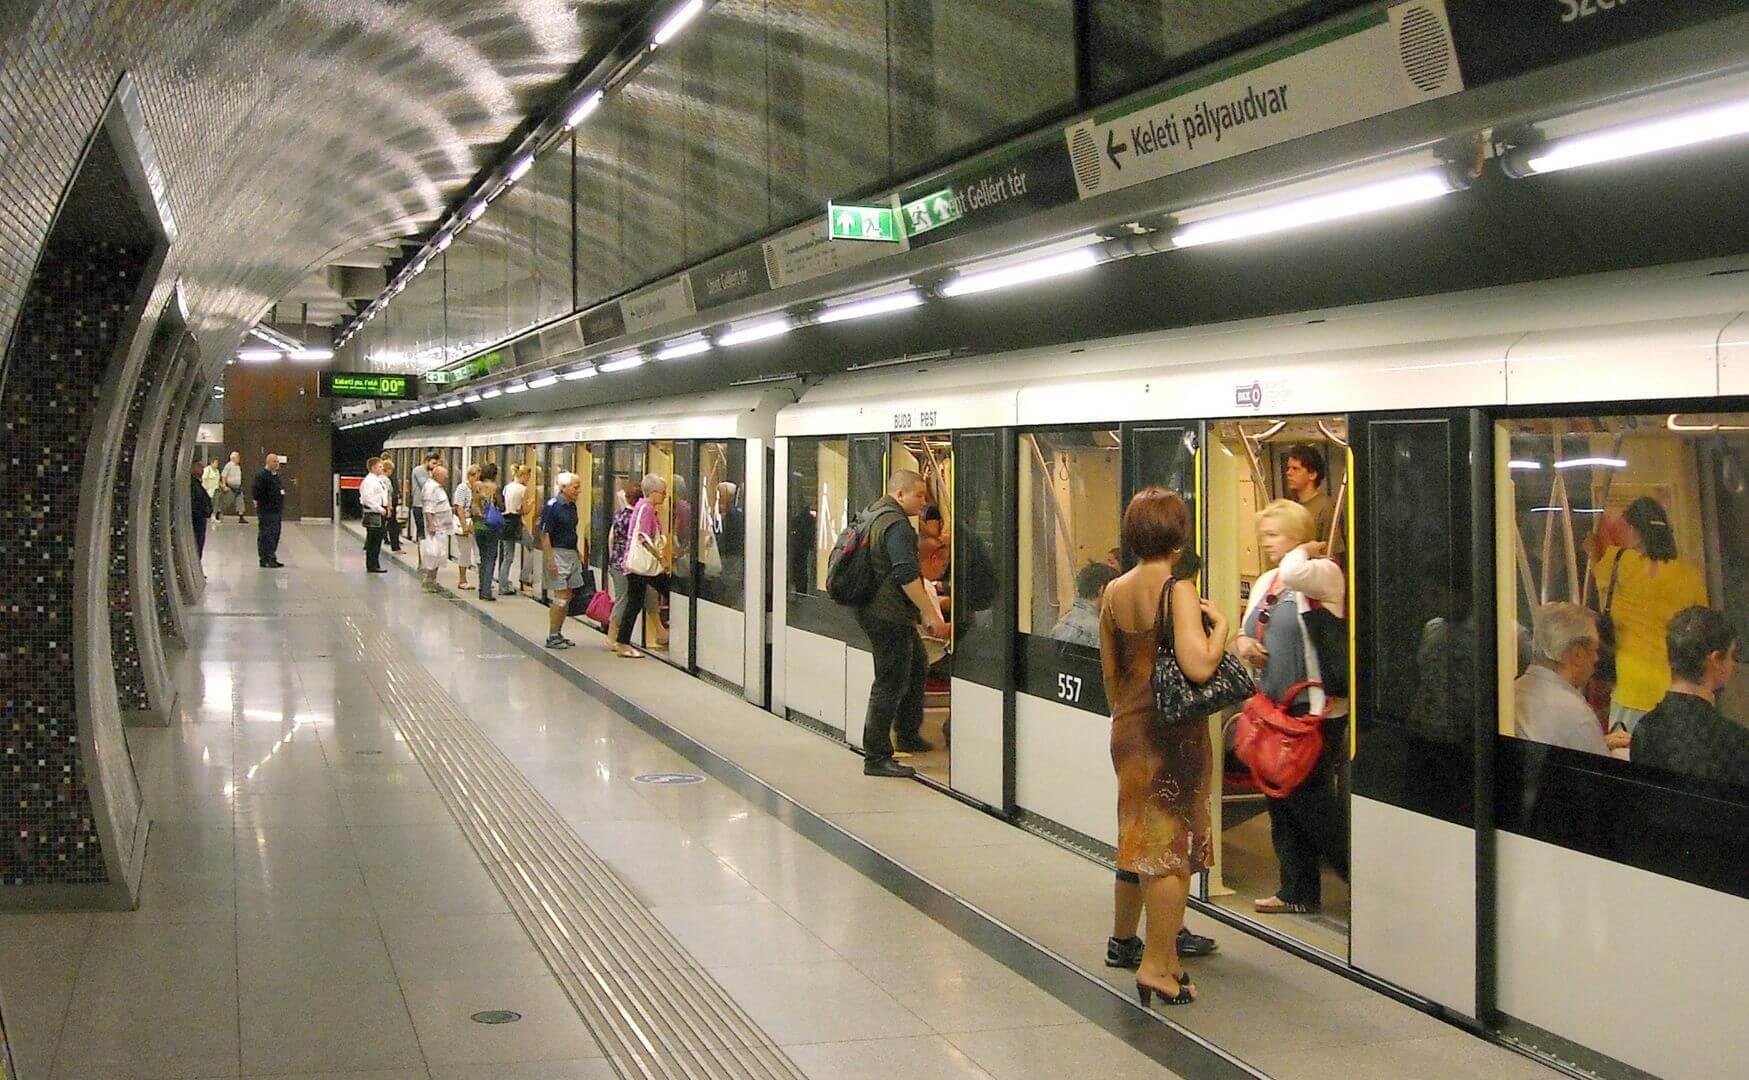 תחבורה ציבורית בבודפשט המטרו החדש קו מס. 4